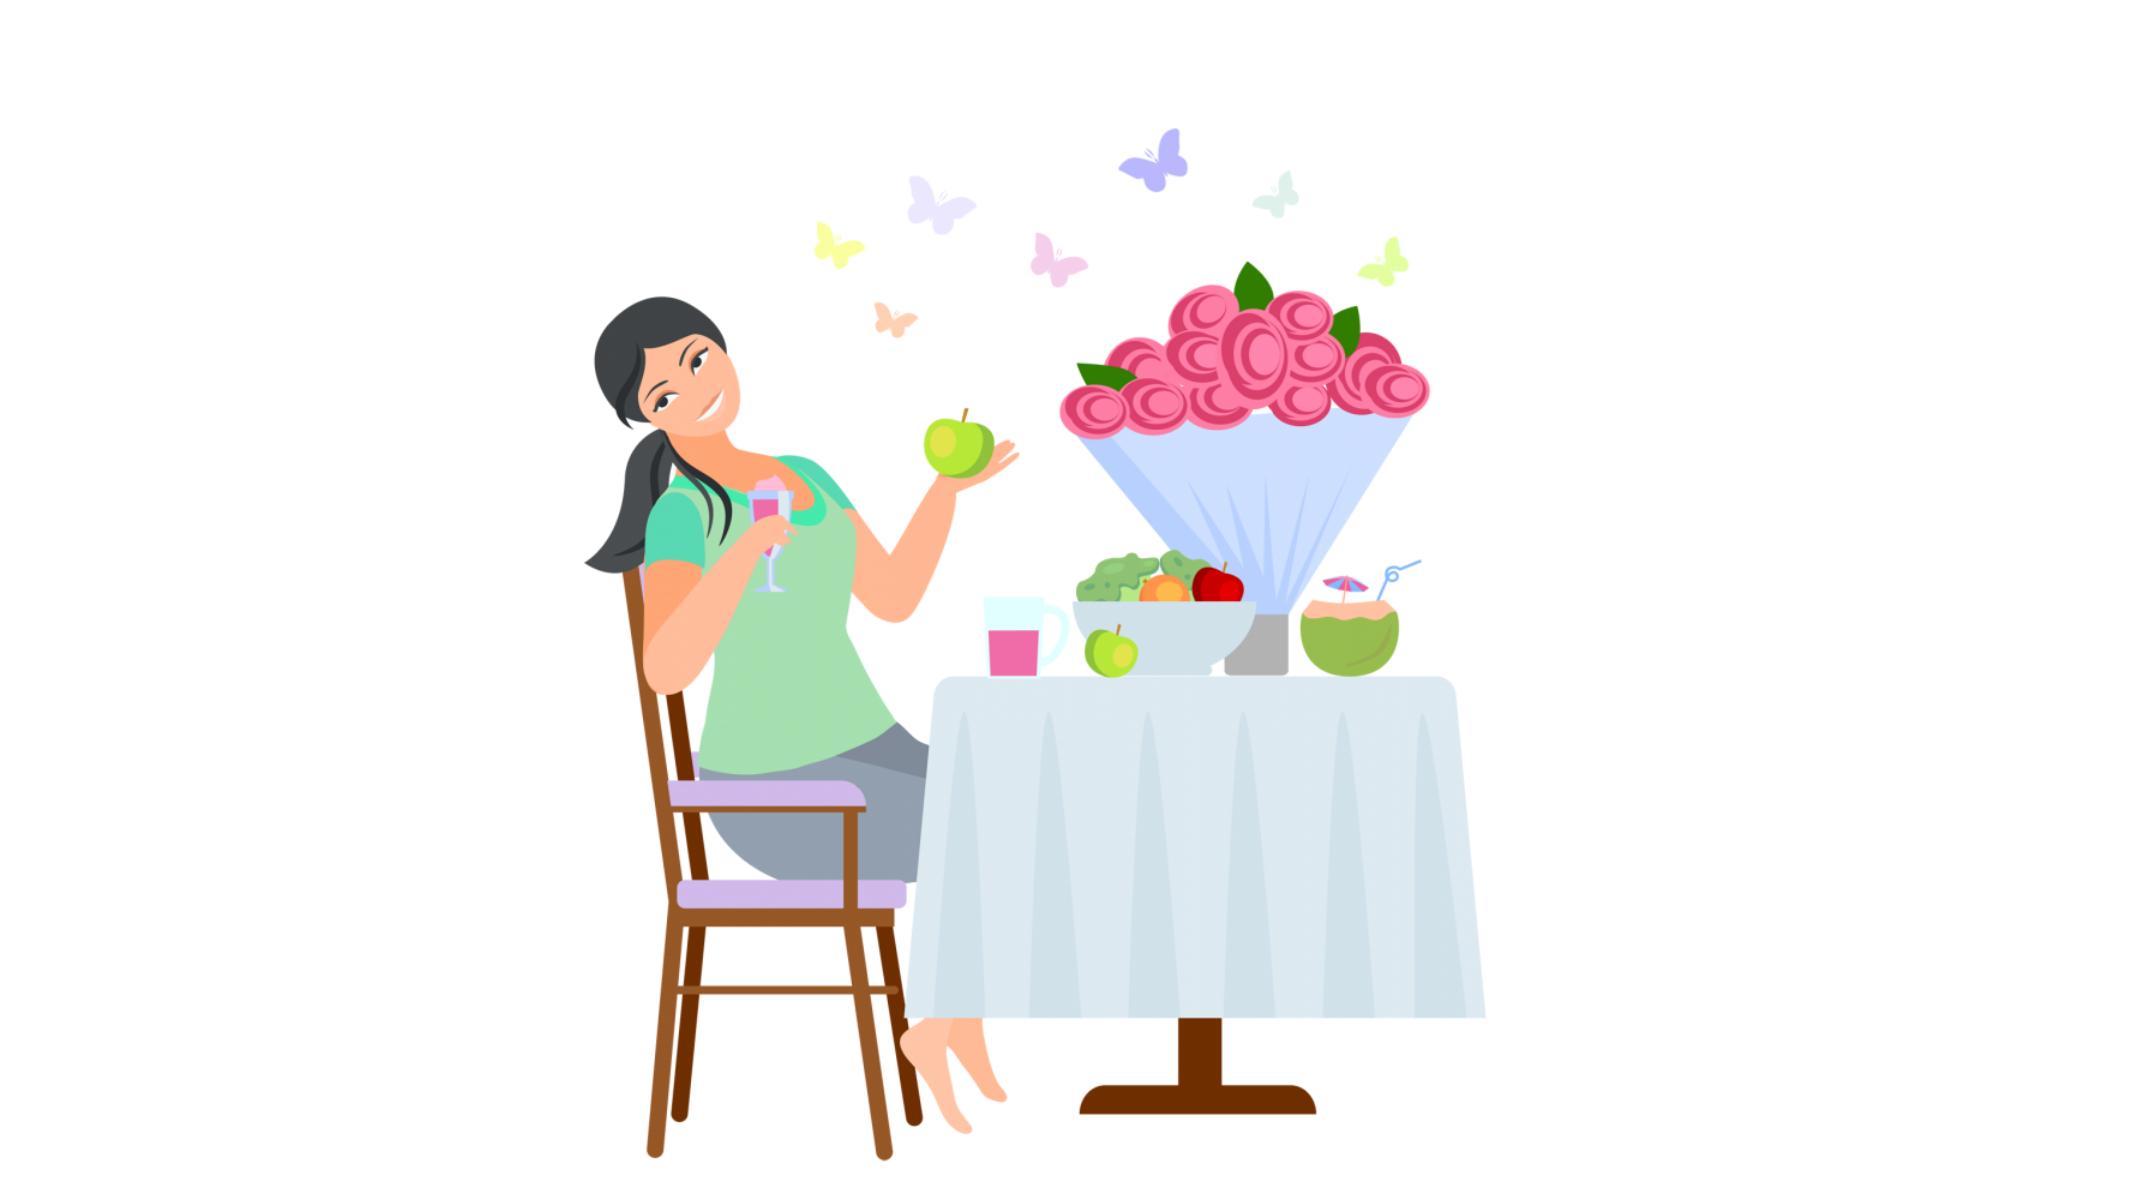 नई माँ के लिए भोजन -महीना 7